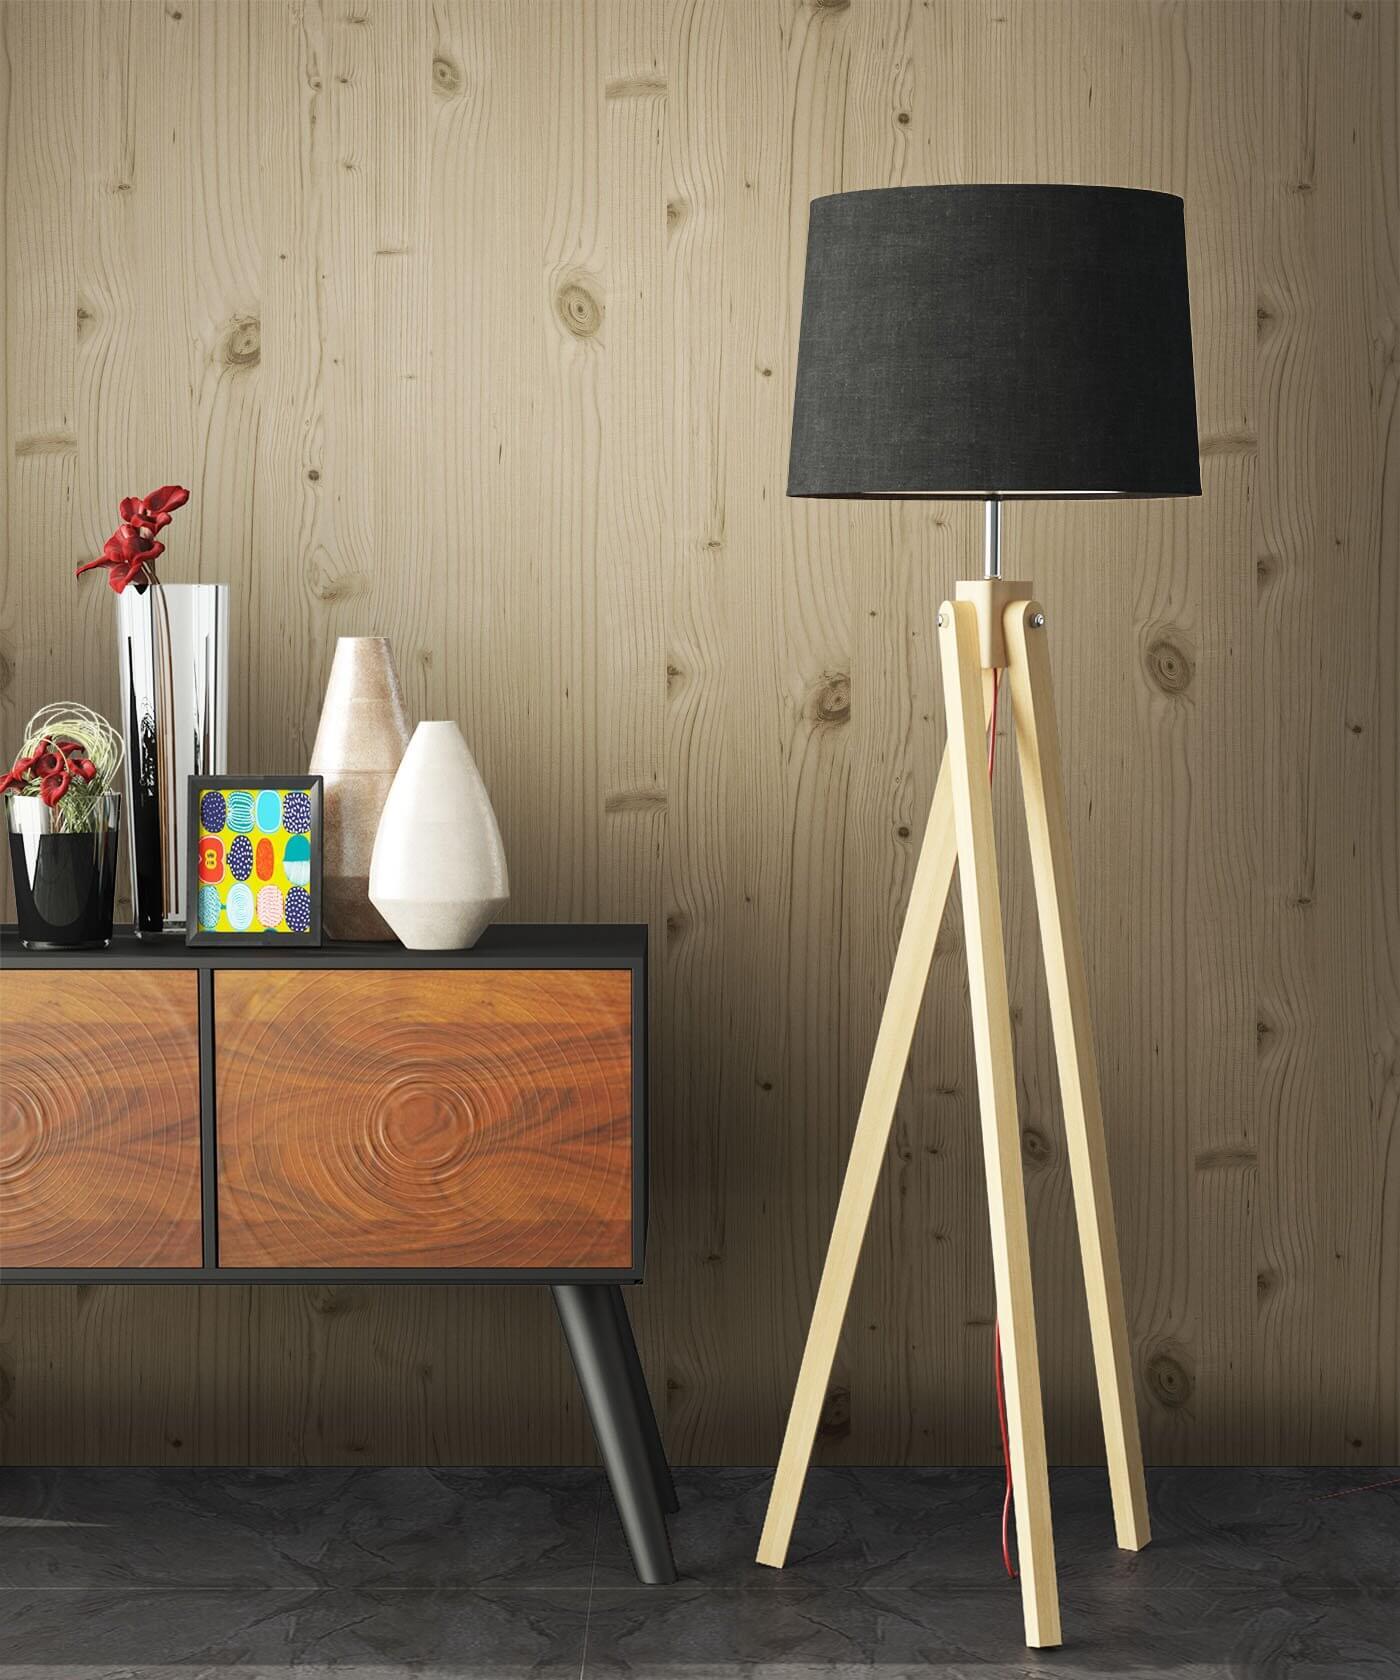 vliestapete braun landhaus holzbalken holz alle wohnen kinder schlafen k che diele bad. Black Bedroom Furniture Sets. Home Design Ideas